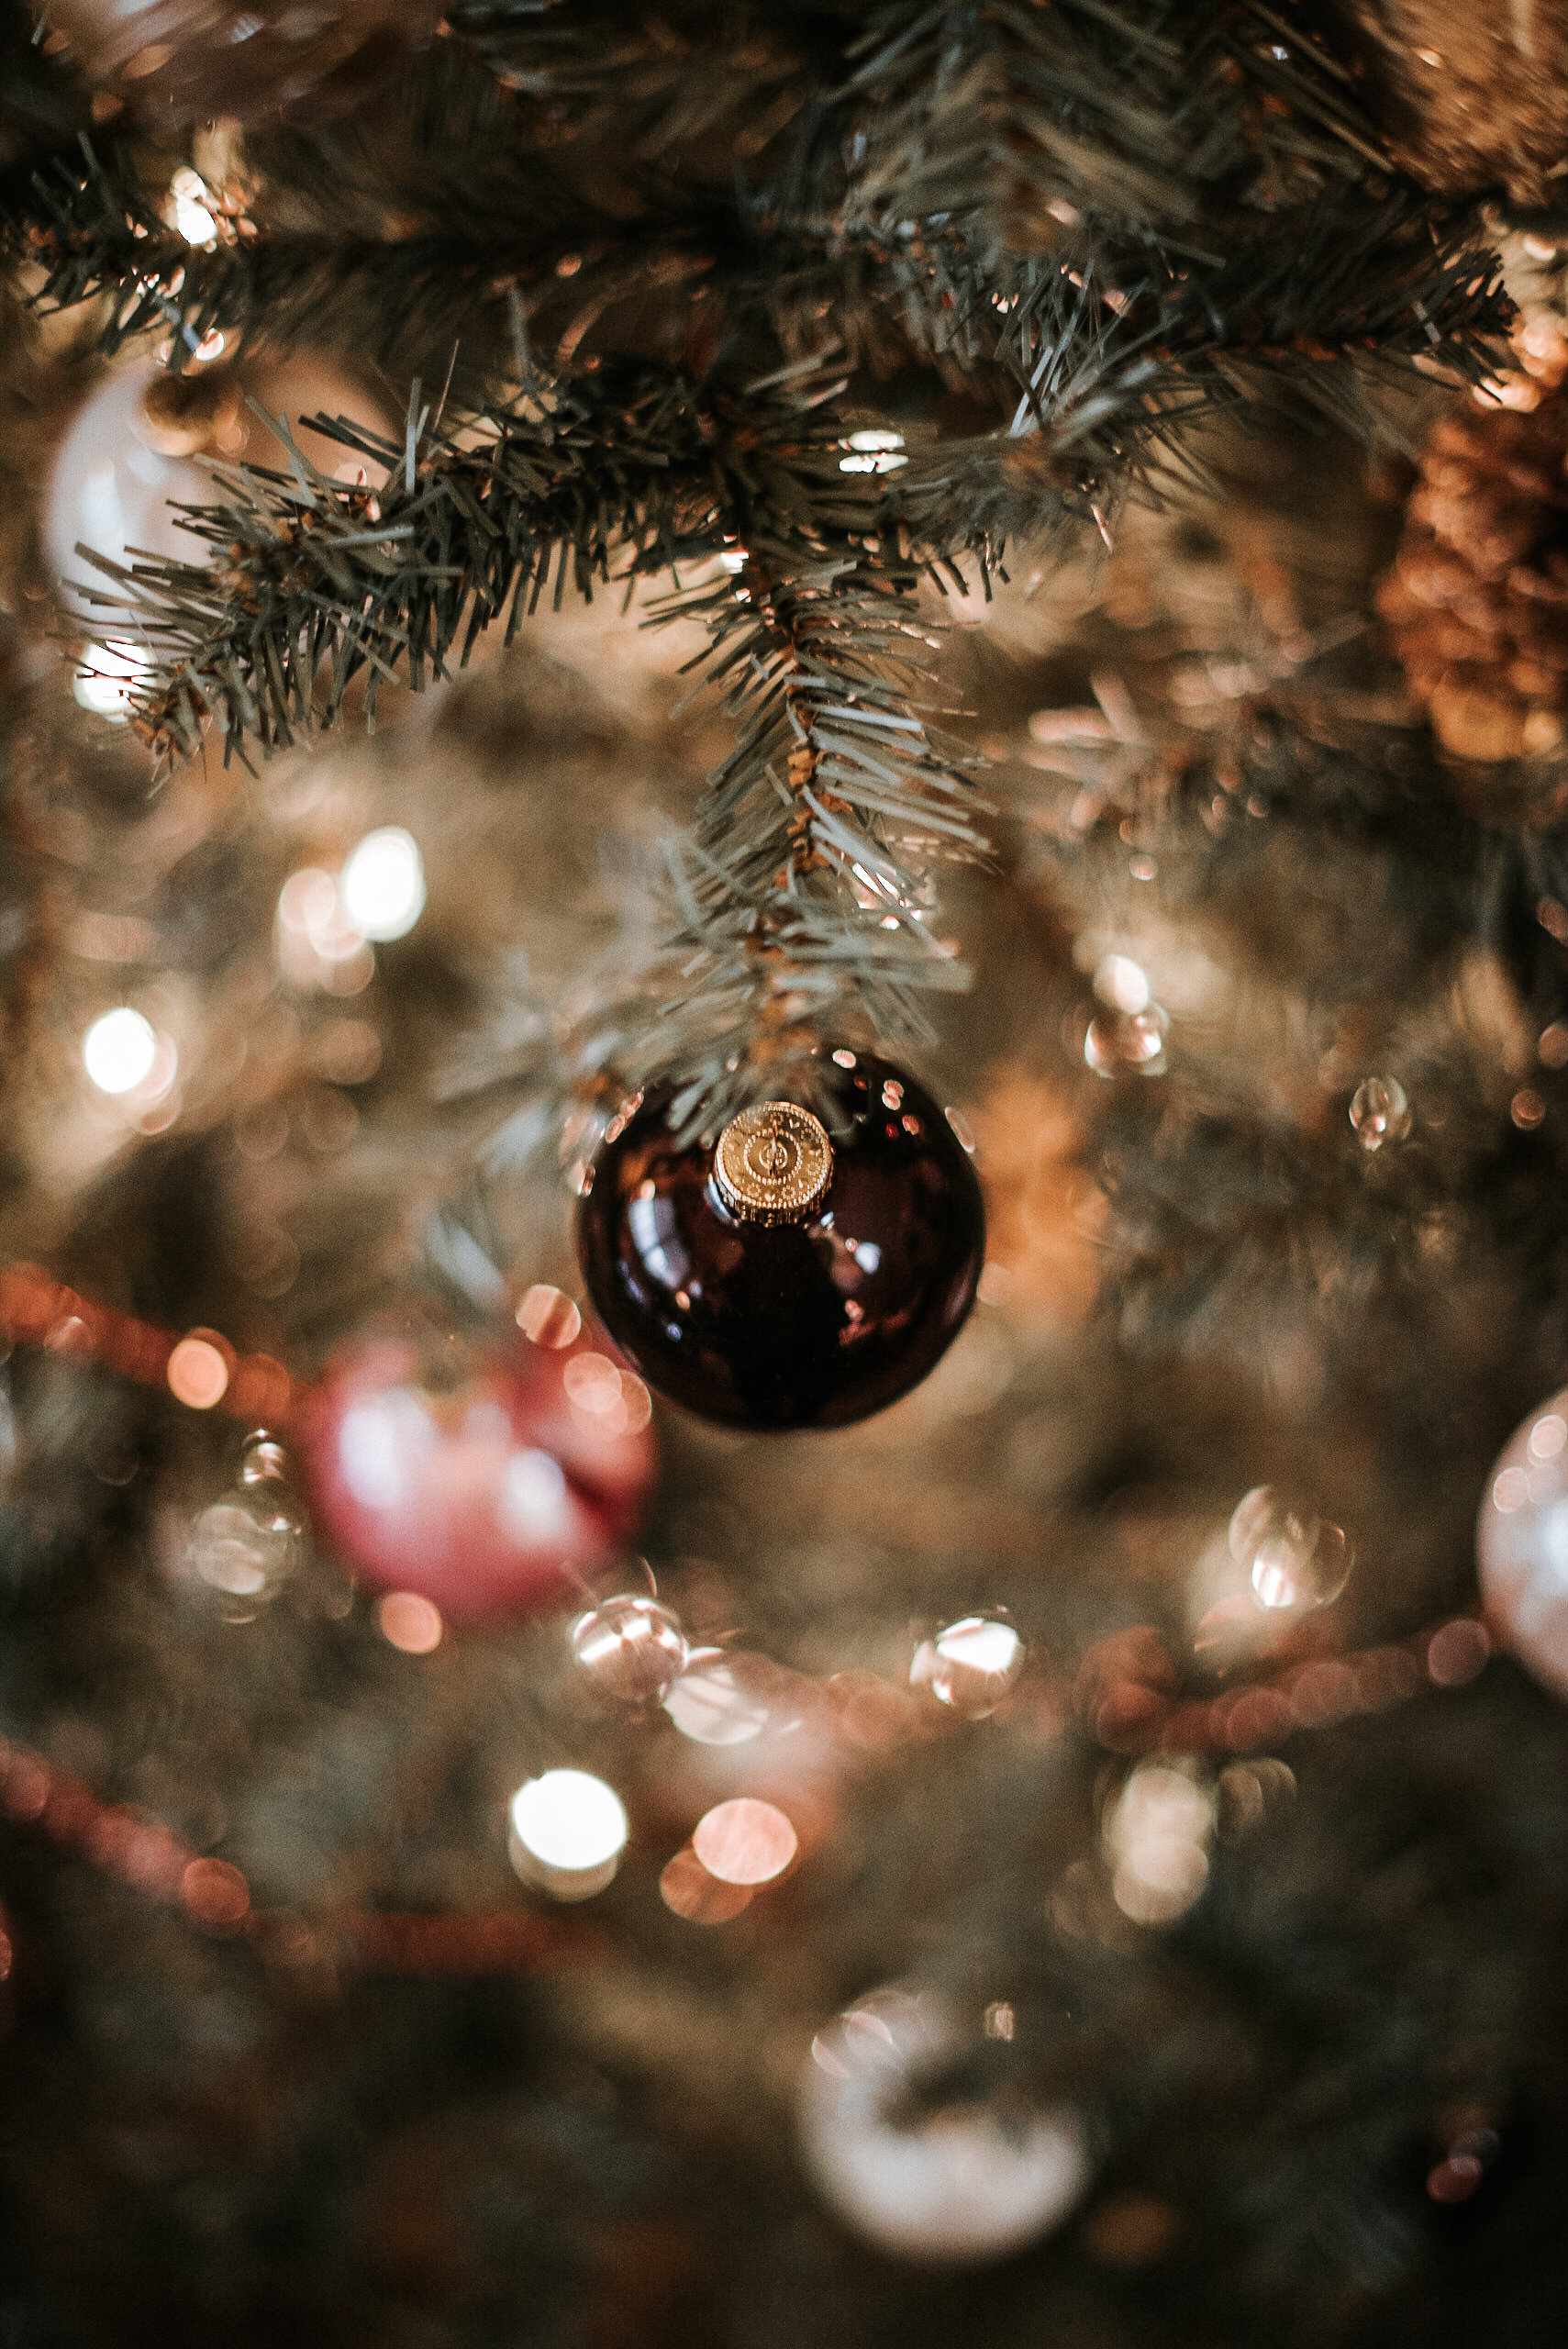 Christmas ornament on Christmas tree